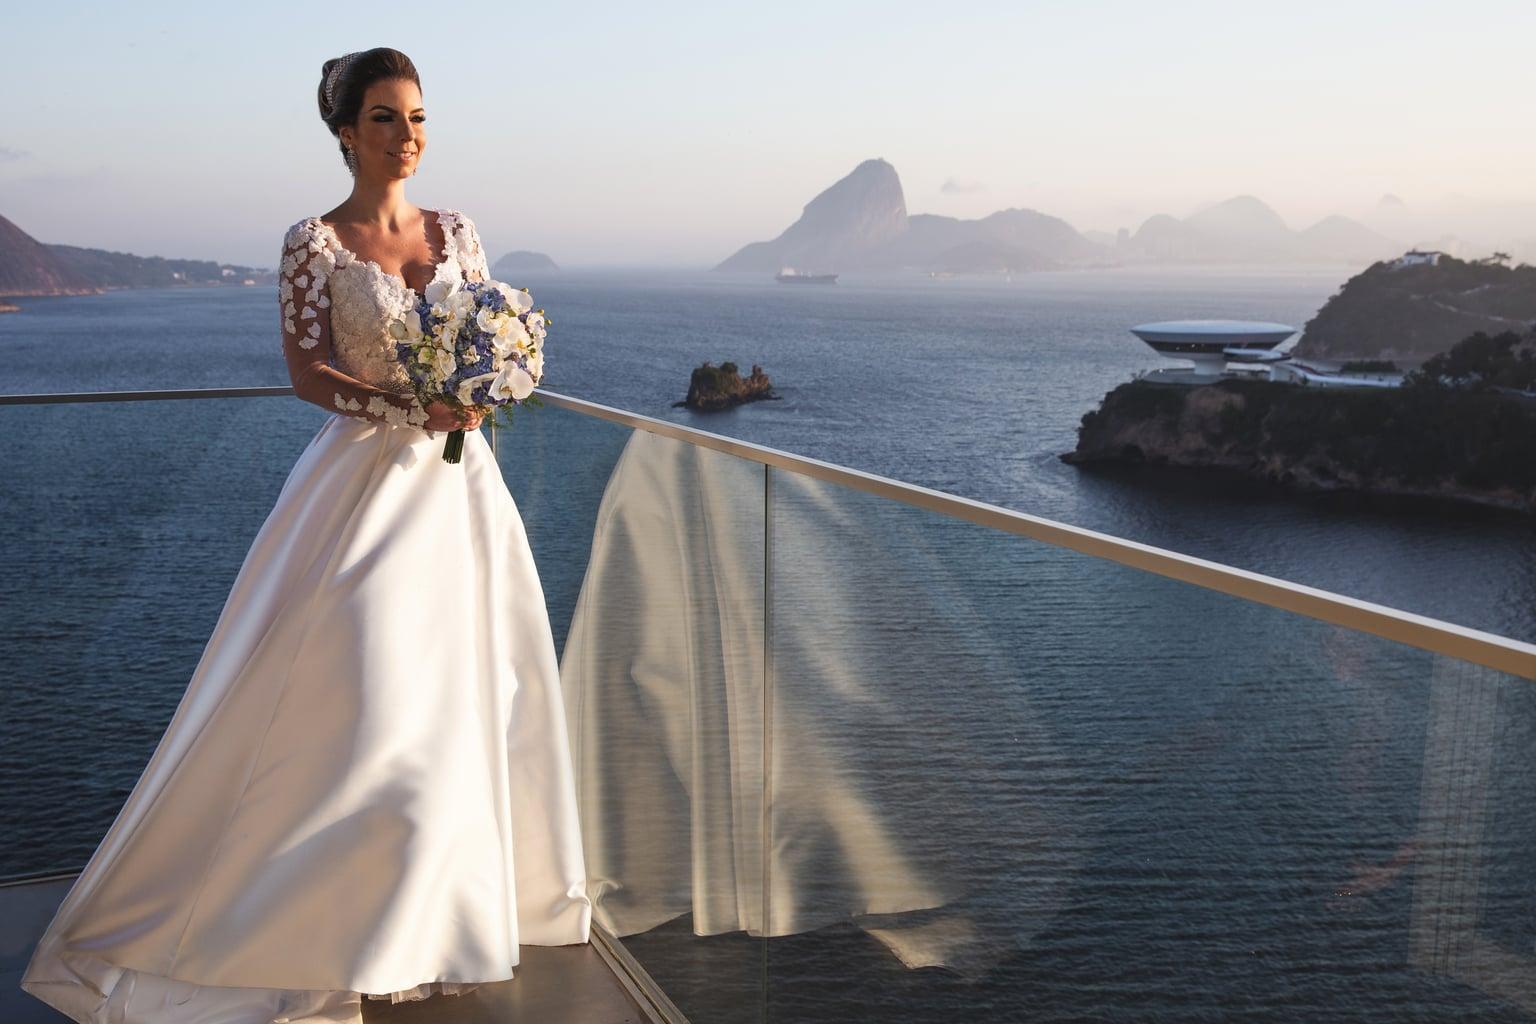 casamento-clássico-casamento-tradicional-rio-de-janeiro-niterói-Fotografia-Giovani-Garcia-casamento-Cássia-e-Daniel-3